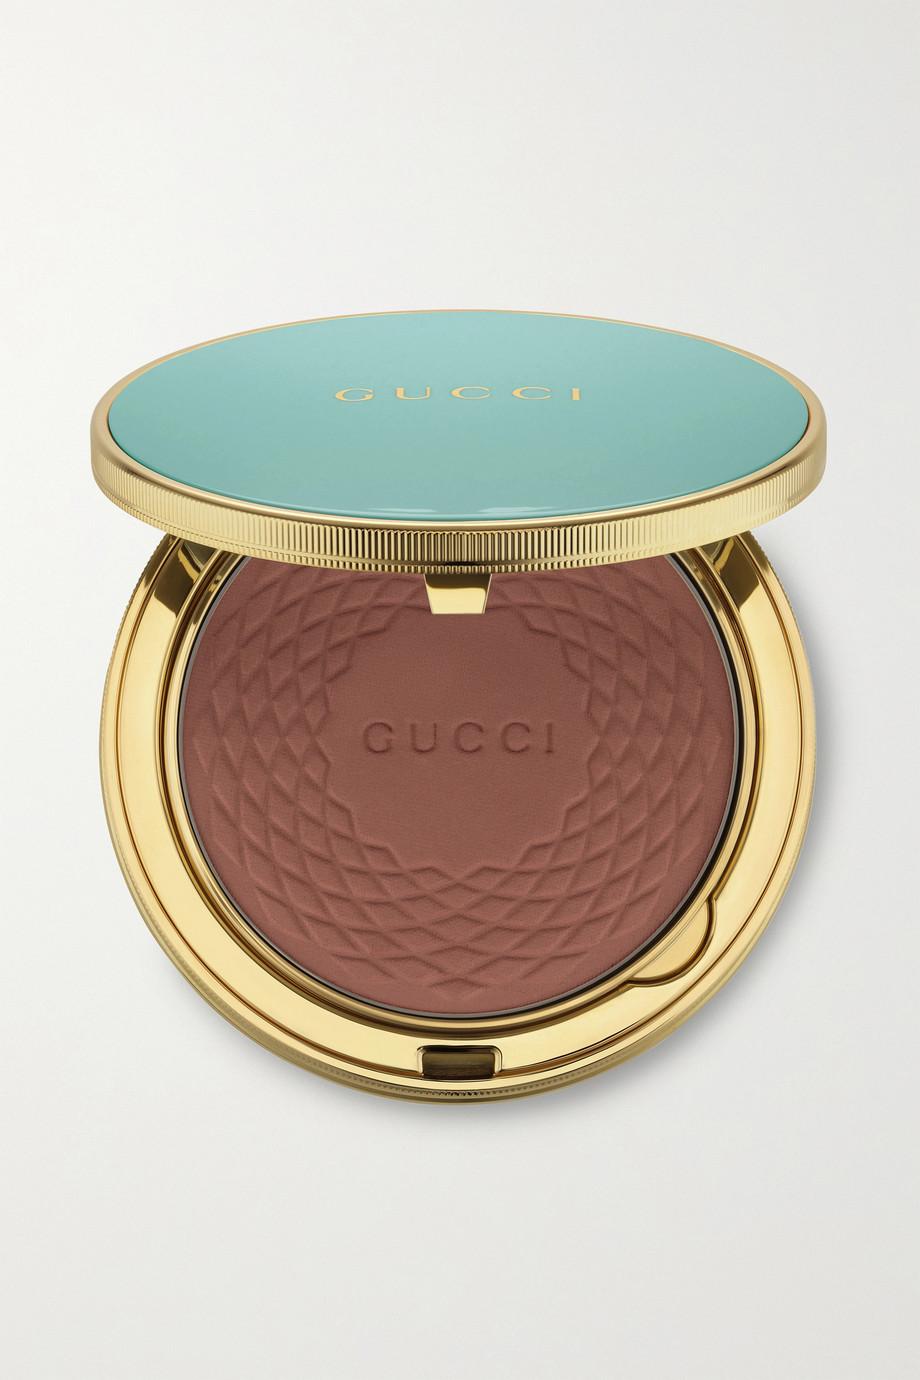 Gucci Beauty Poudre De Beauté Éclat Soleil - 05